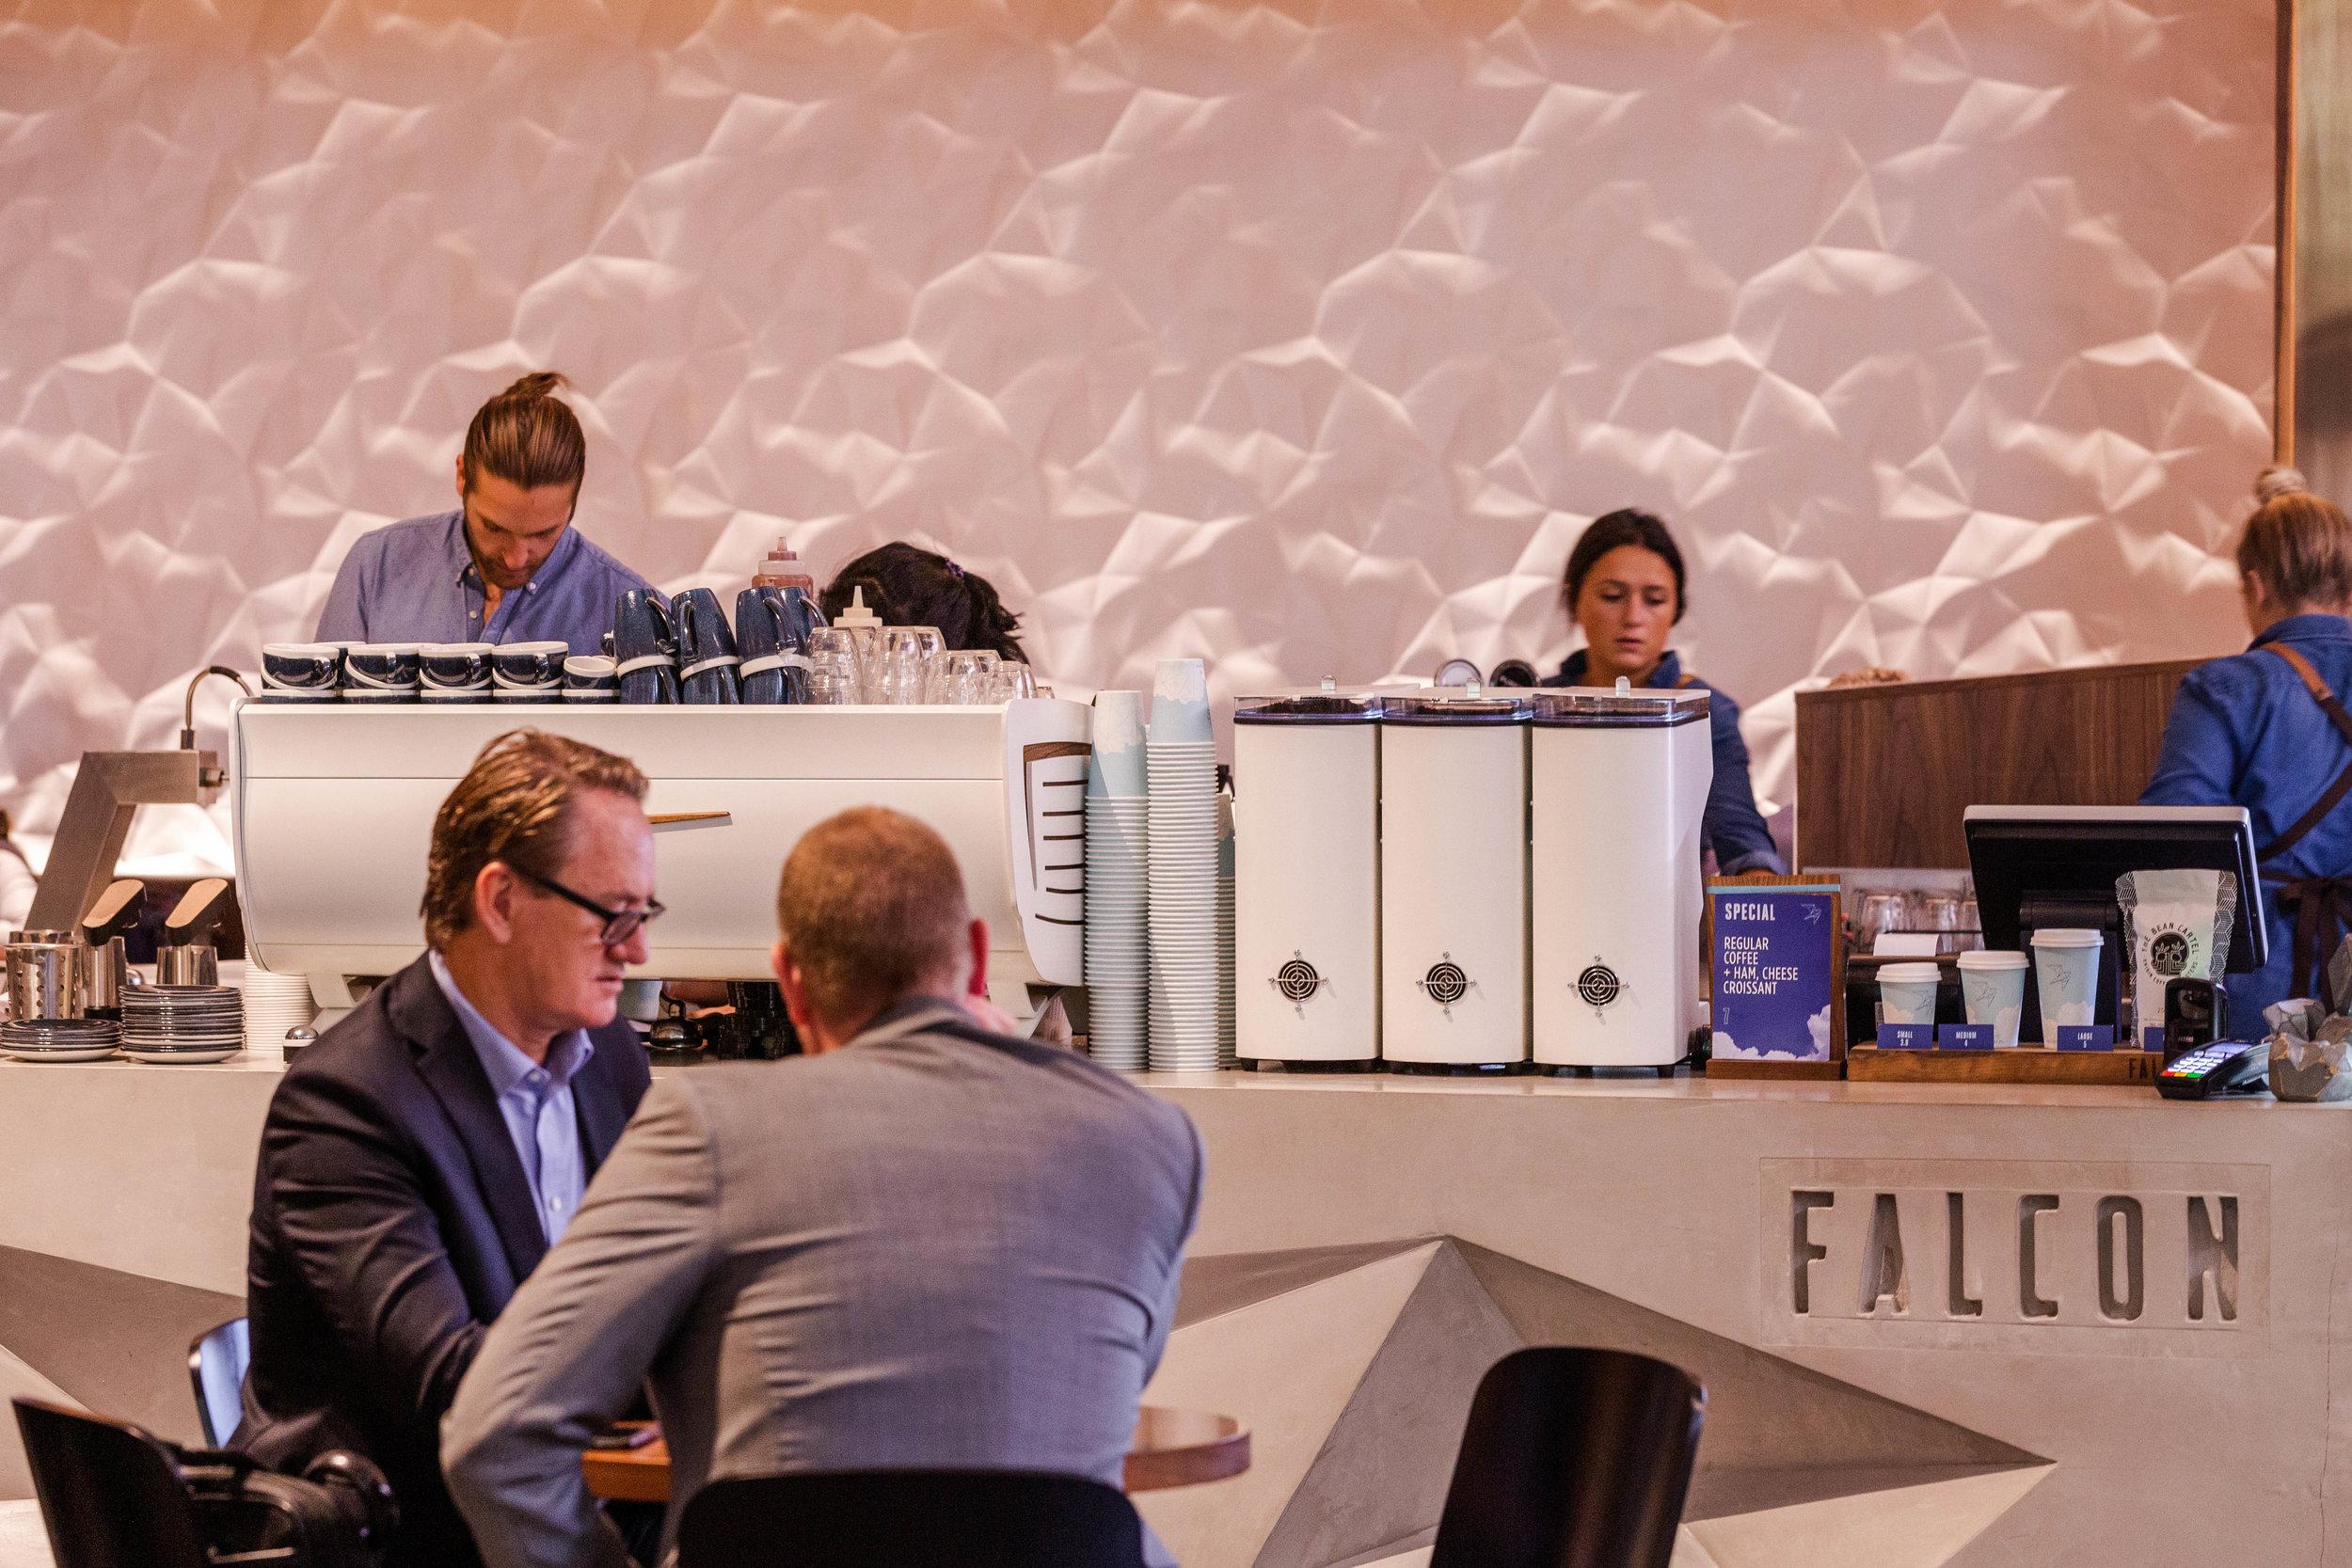 Falcon_Espresso_Interior-lifestyle_19-01-20.jpg